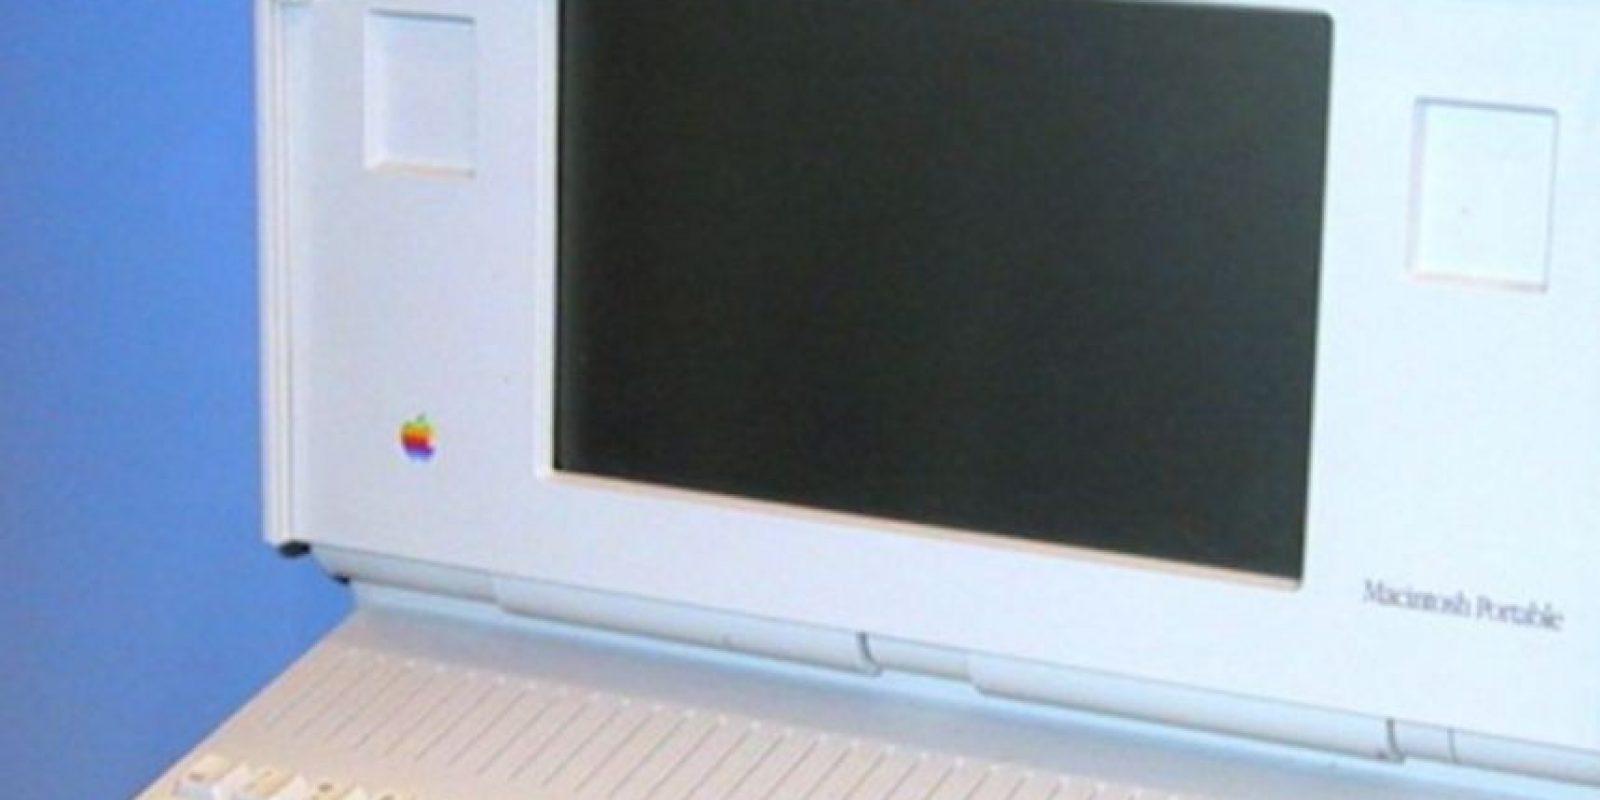 Así lucía la Macintosh Portable, cuya peor pesadilla fue el enorme y nada portable diseño Foto:Wikicommons